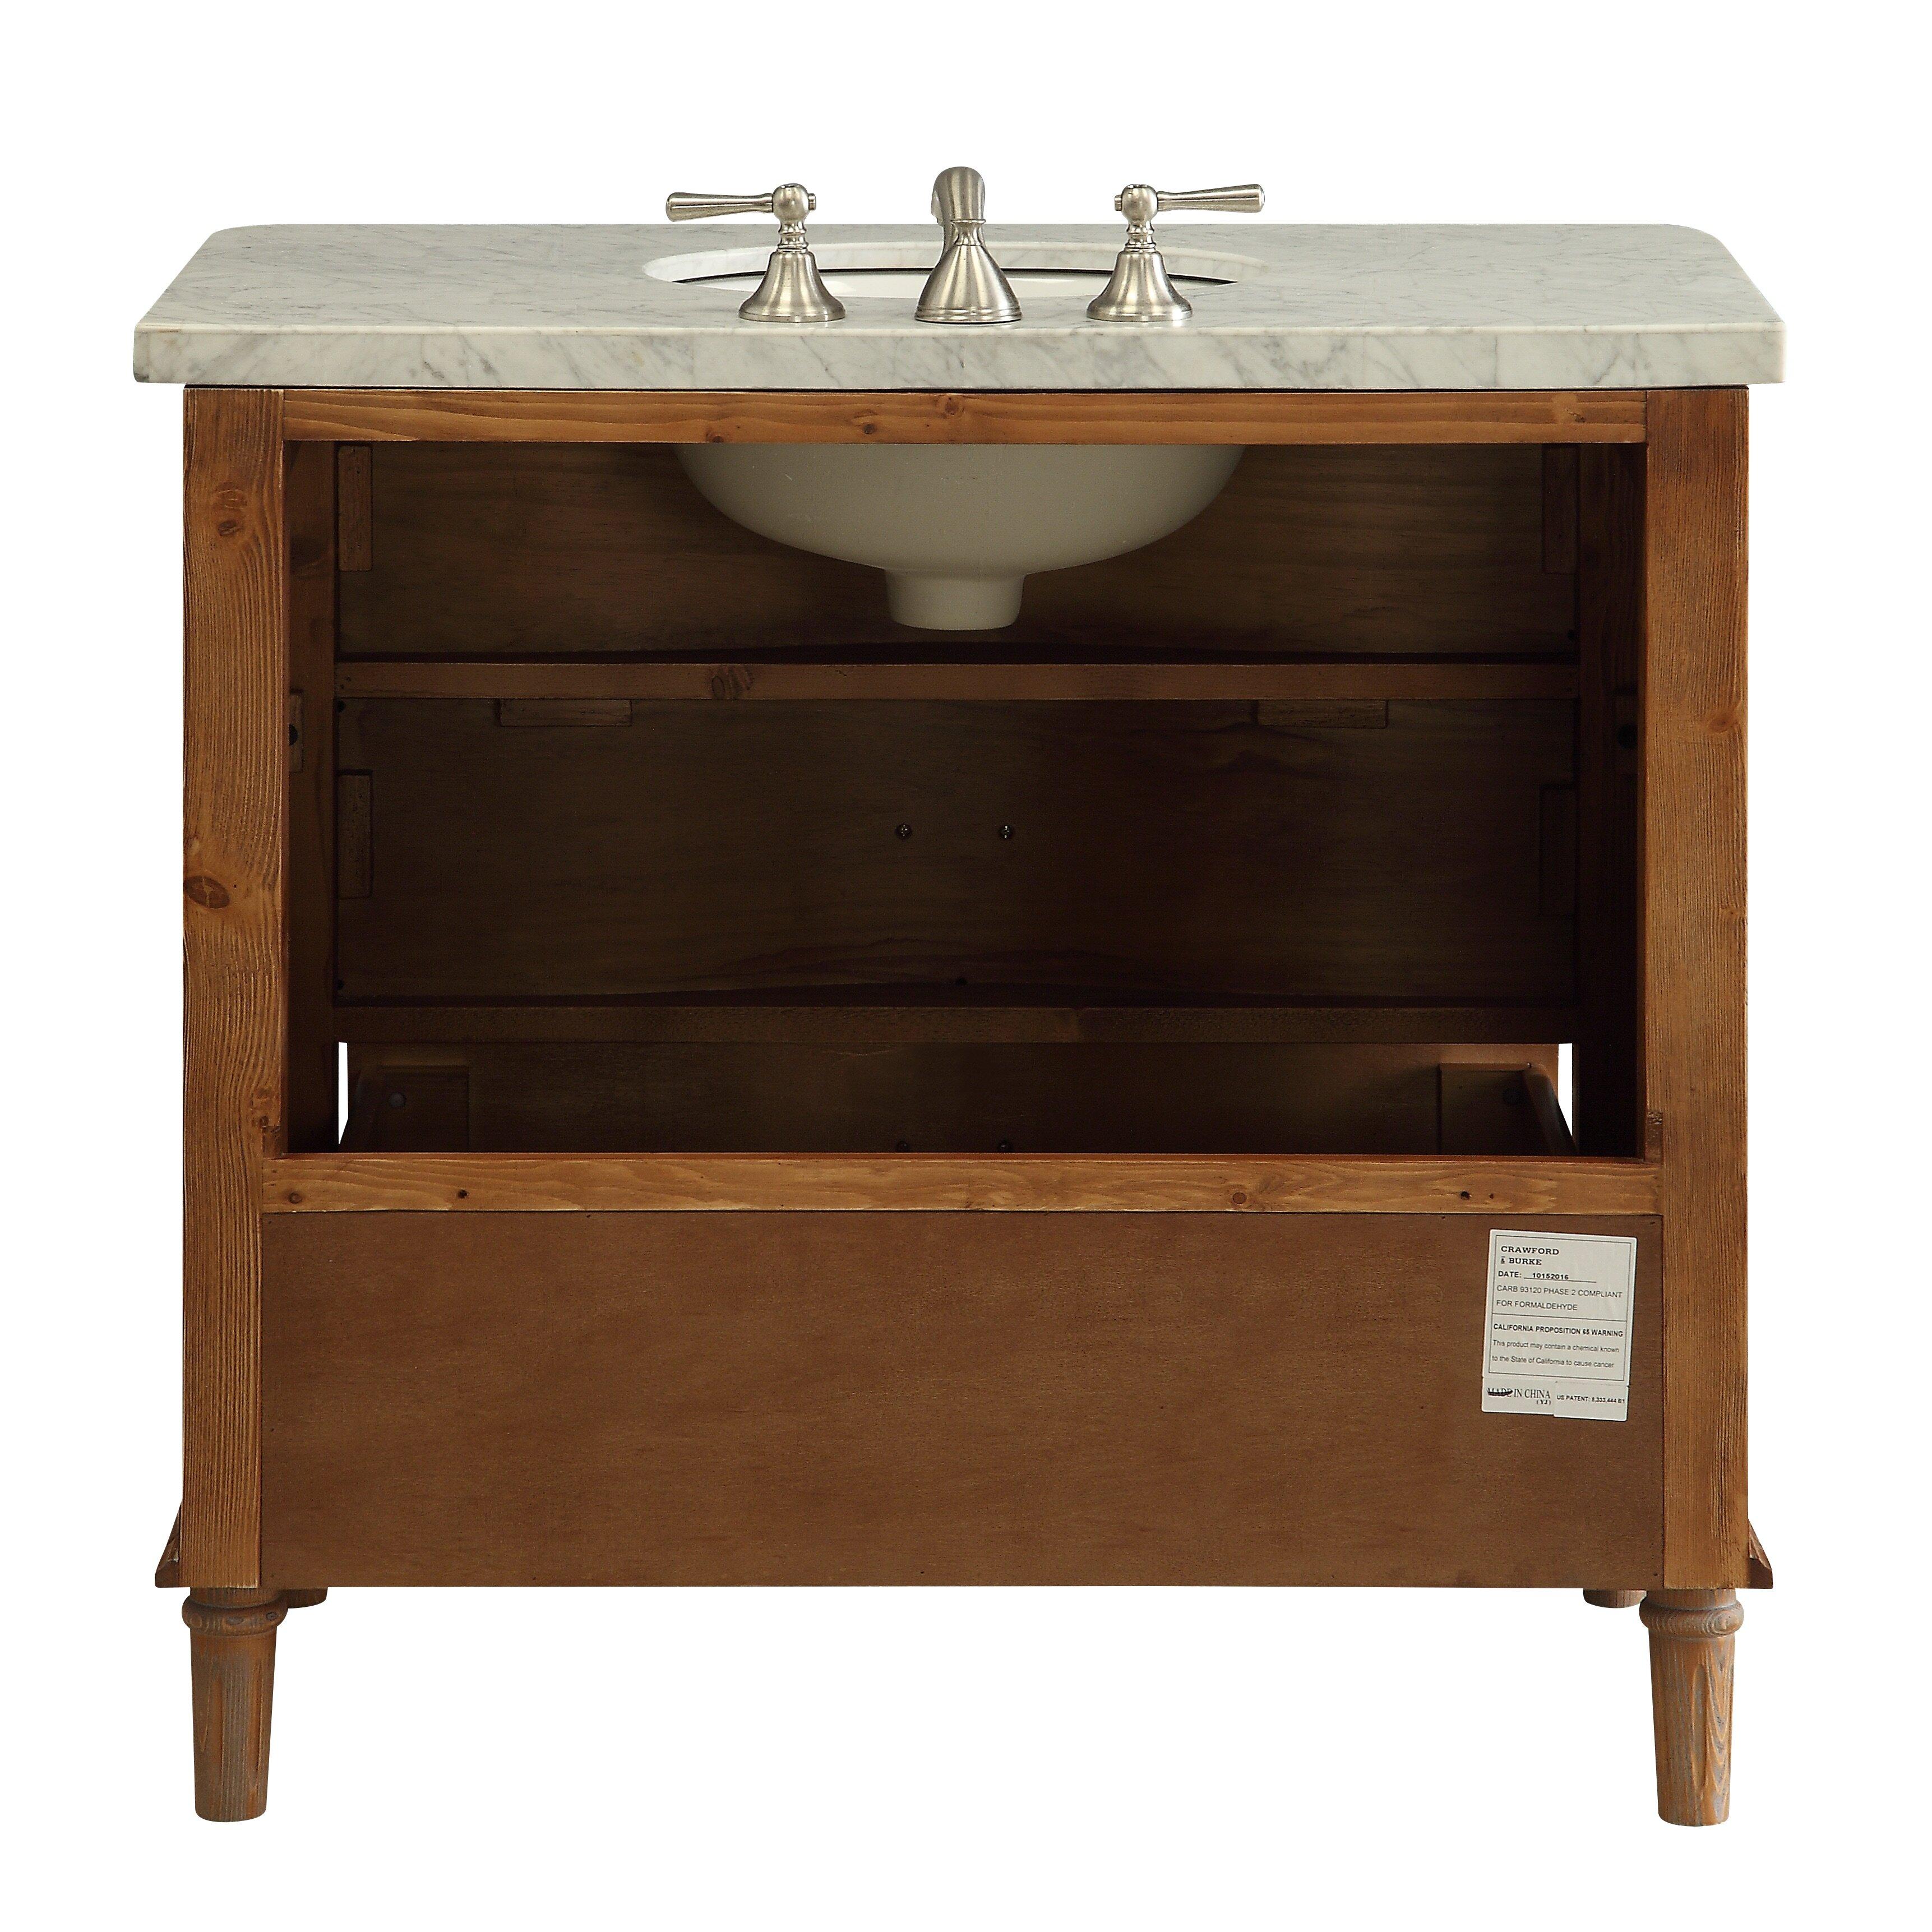 Driftwood Bathroom Vanity Loon Peak Vanna 36 Bathroom Vanity Set Reviews Wayfair